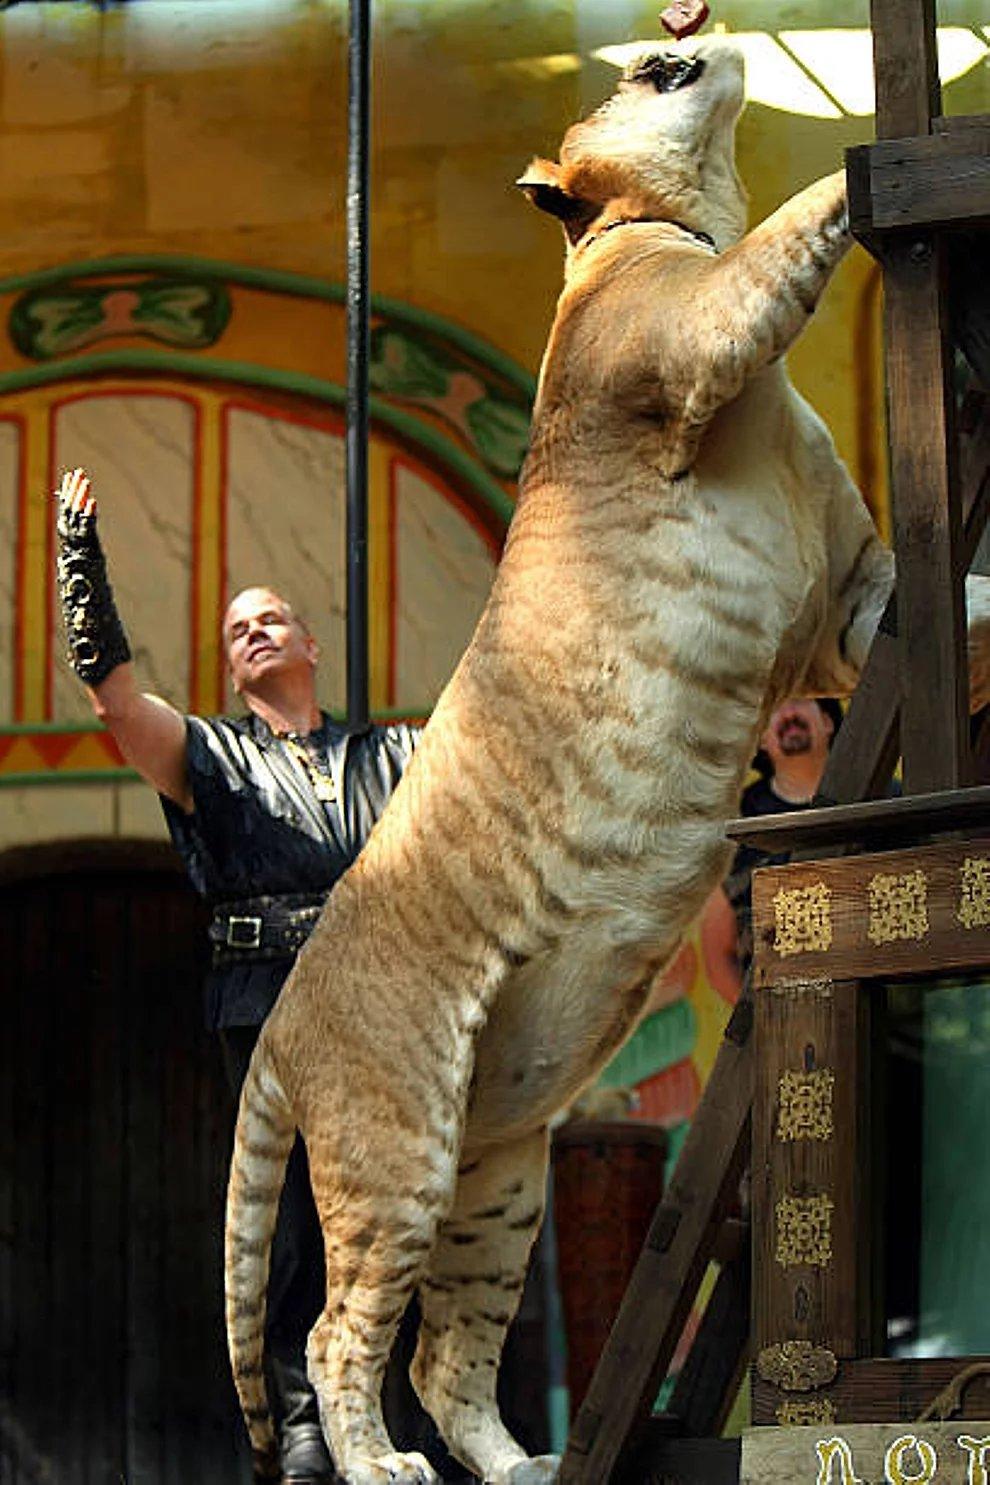 s 754KLj4AapVKlOh58469mD12JgF - 27 casos de animales que crecieron hasta lograr tamaños monstruosos